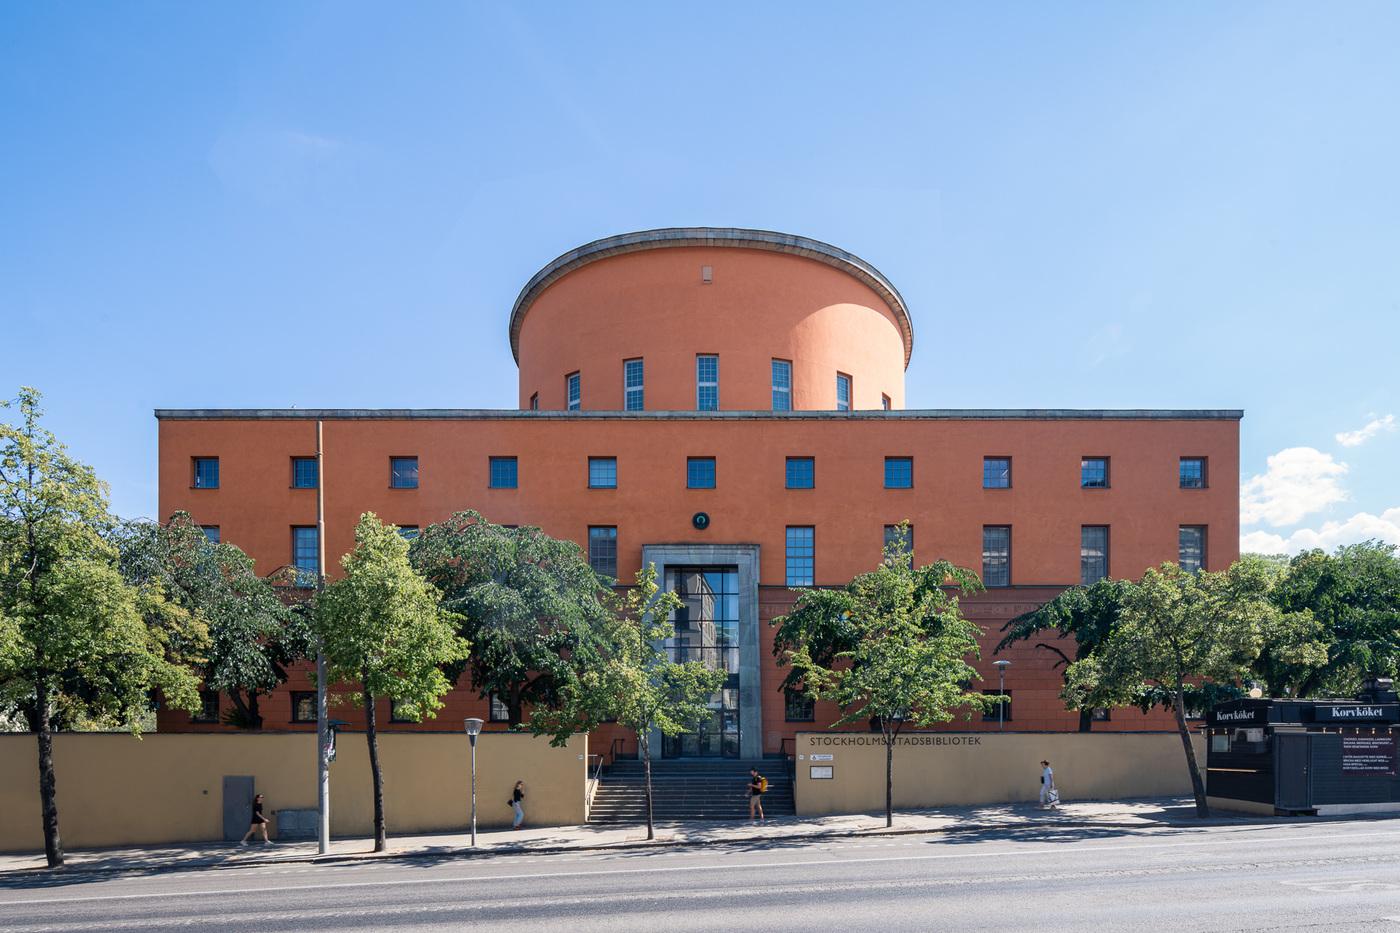 Lasse Olsson - Stadsbiblioteket - Stockholm